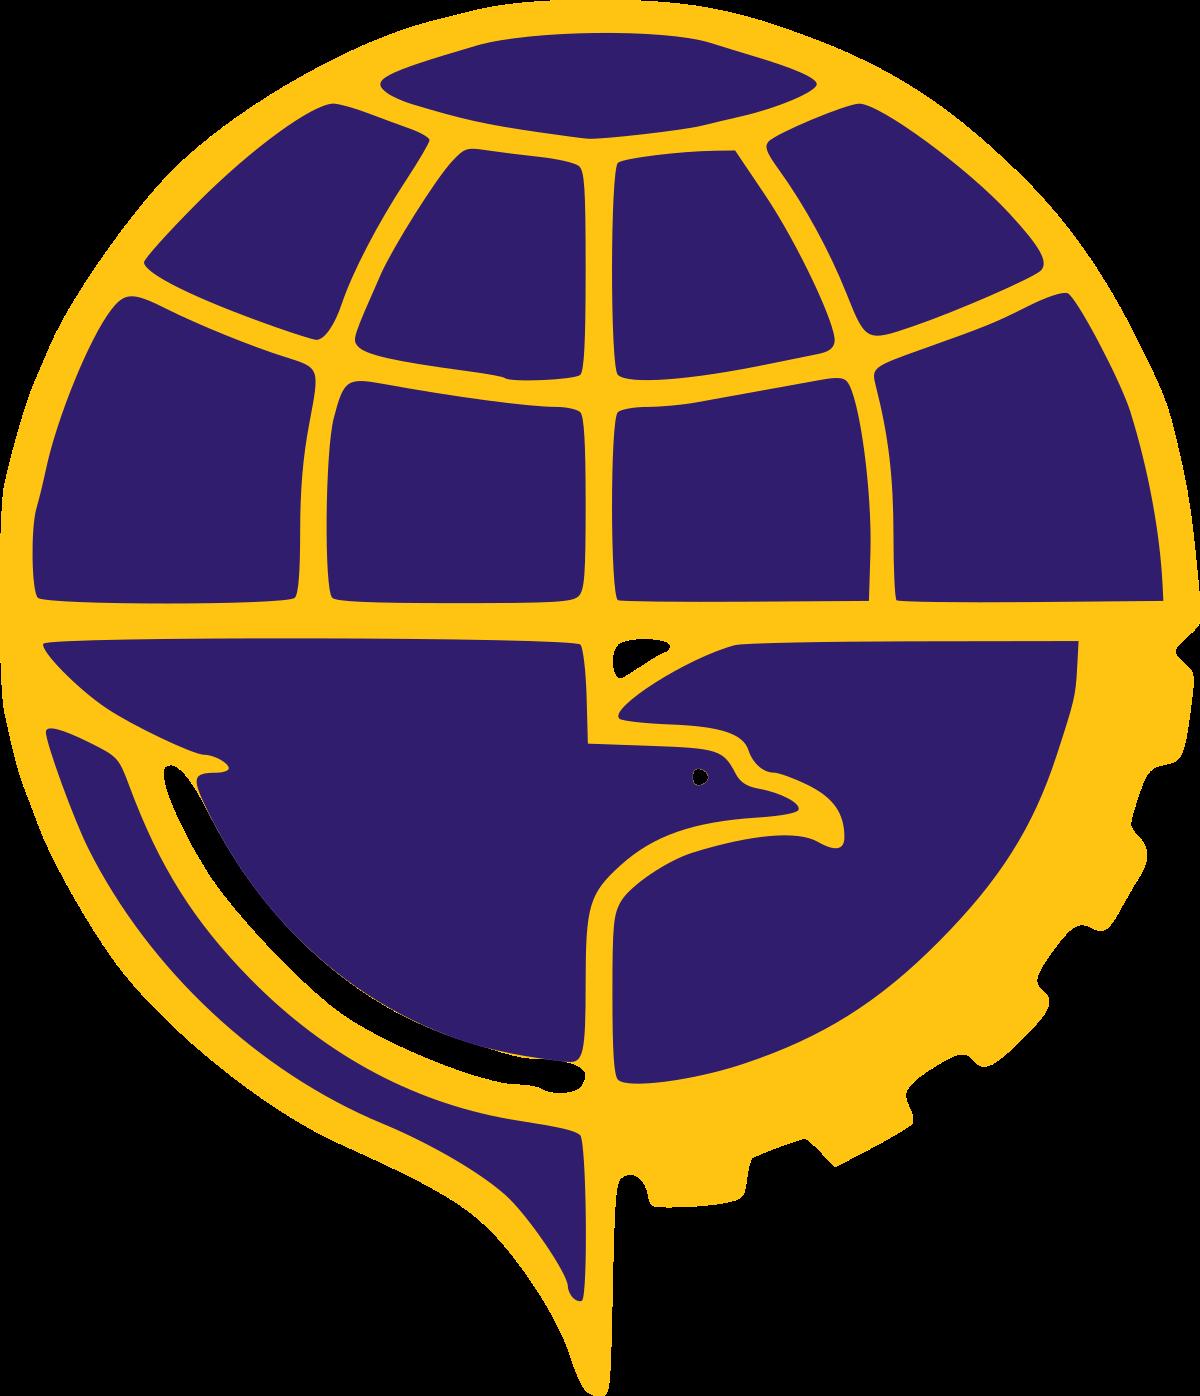 Kementerian Perhubungan Indonesia